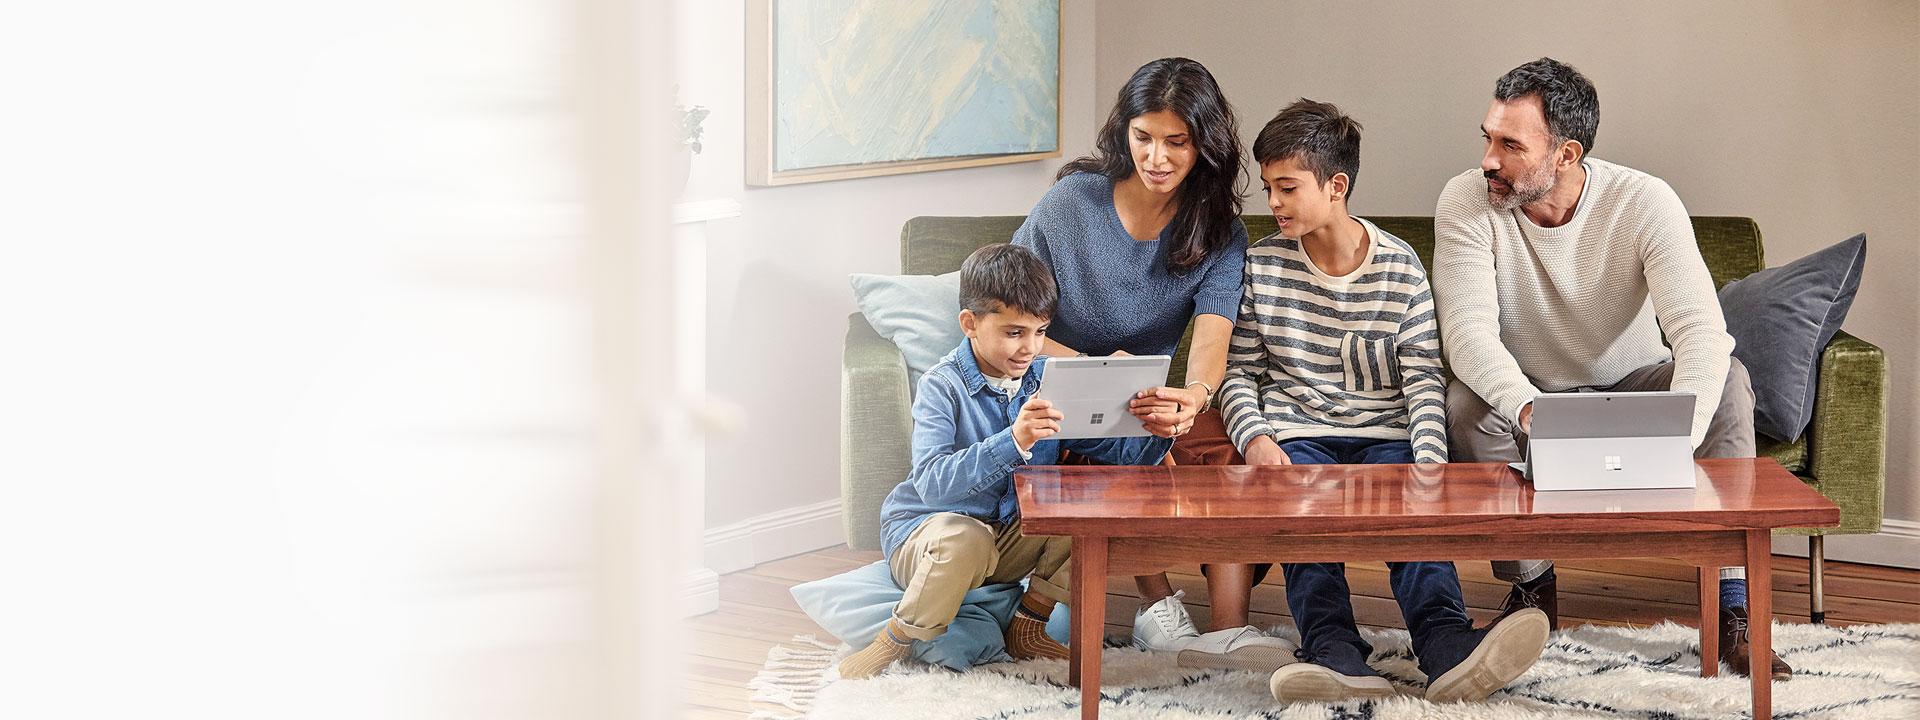 Un uomo, una donna e 2 ragazzi seduti su un divano in casa utilizzano due computer Microsoft Surface